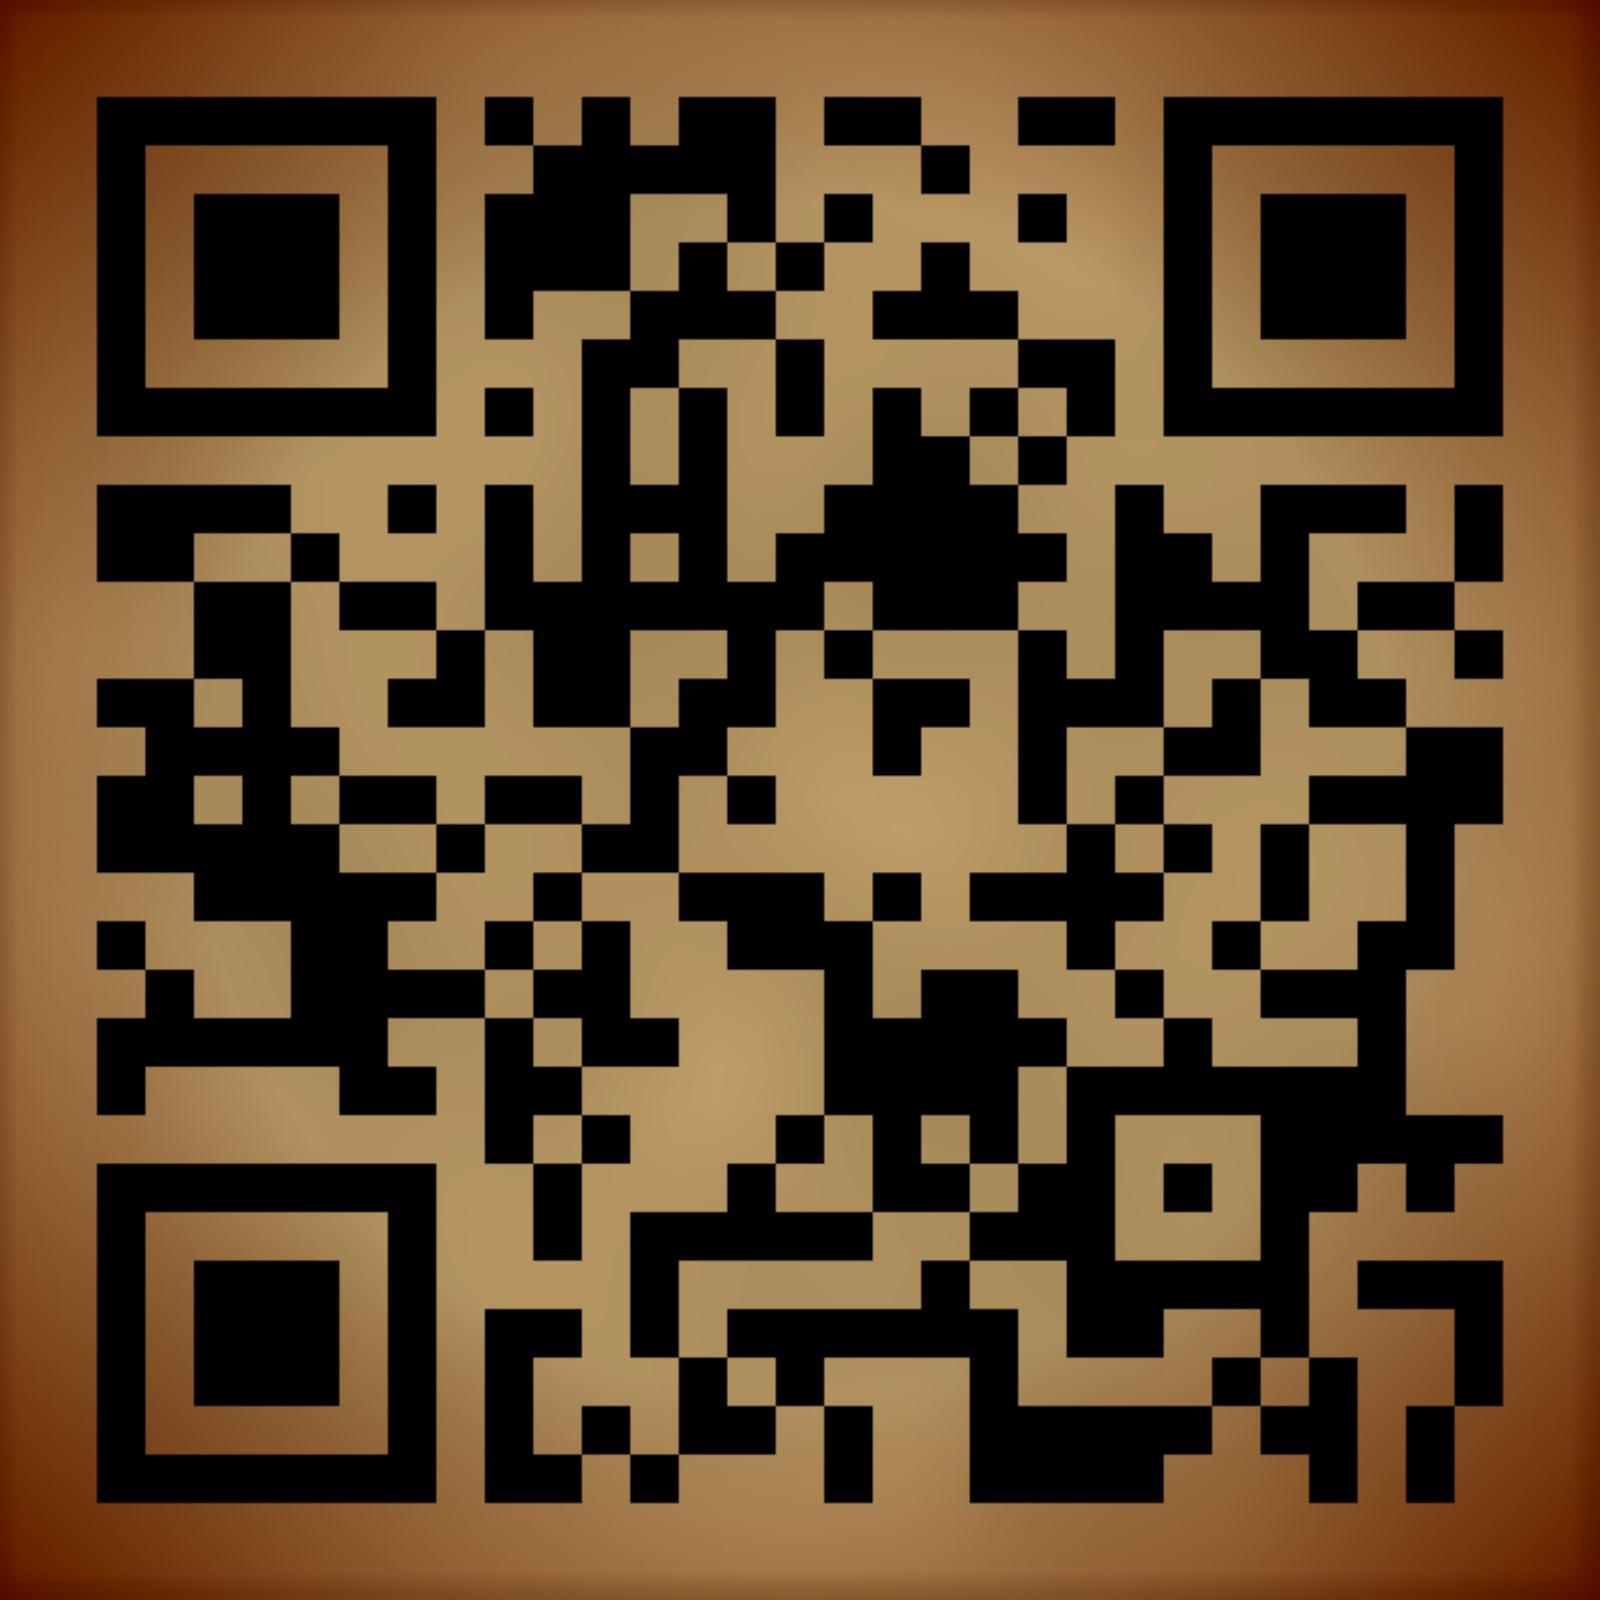 3439933865?profile=original